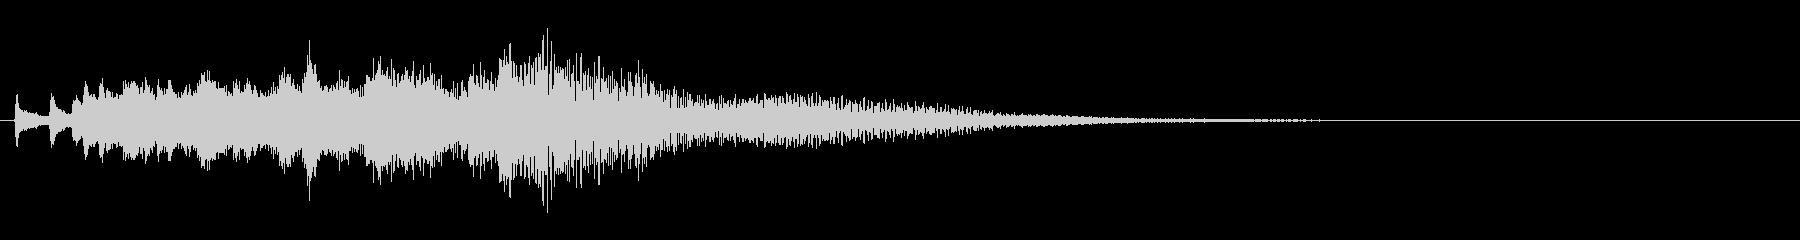 ピロピロピロ ハープの下りアルペジオの未再生の波形